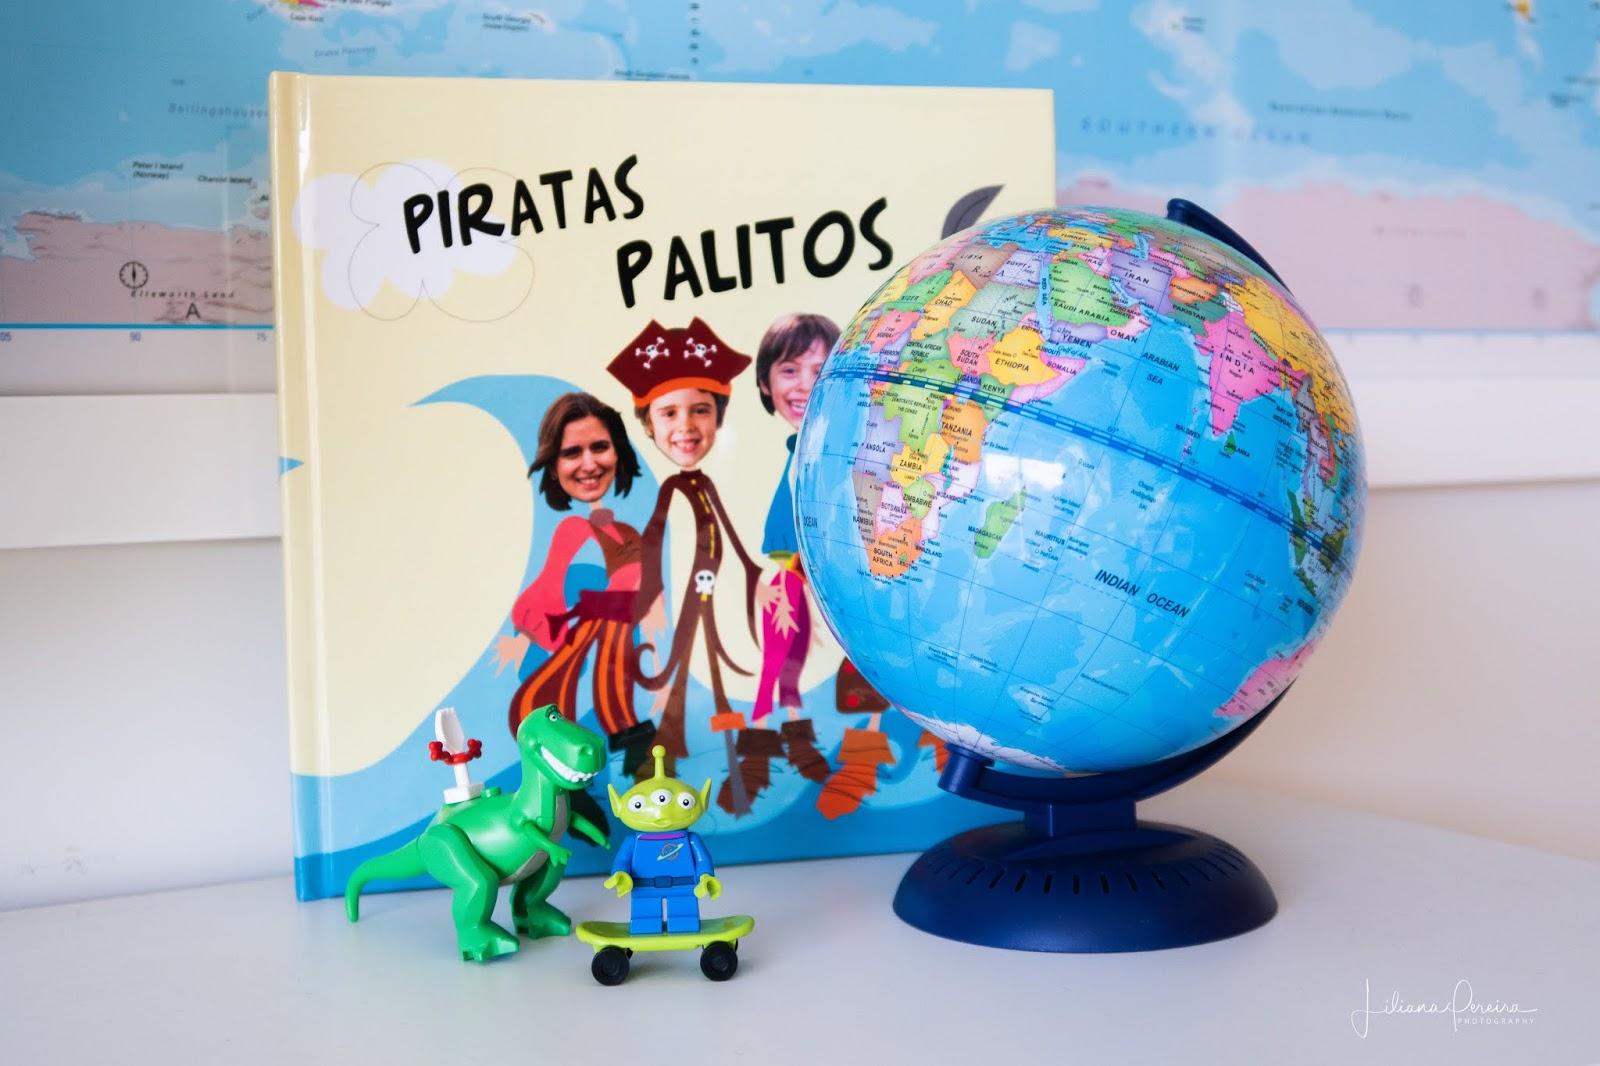 entreter miúdos nas viagens - dicas de livros